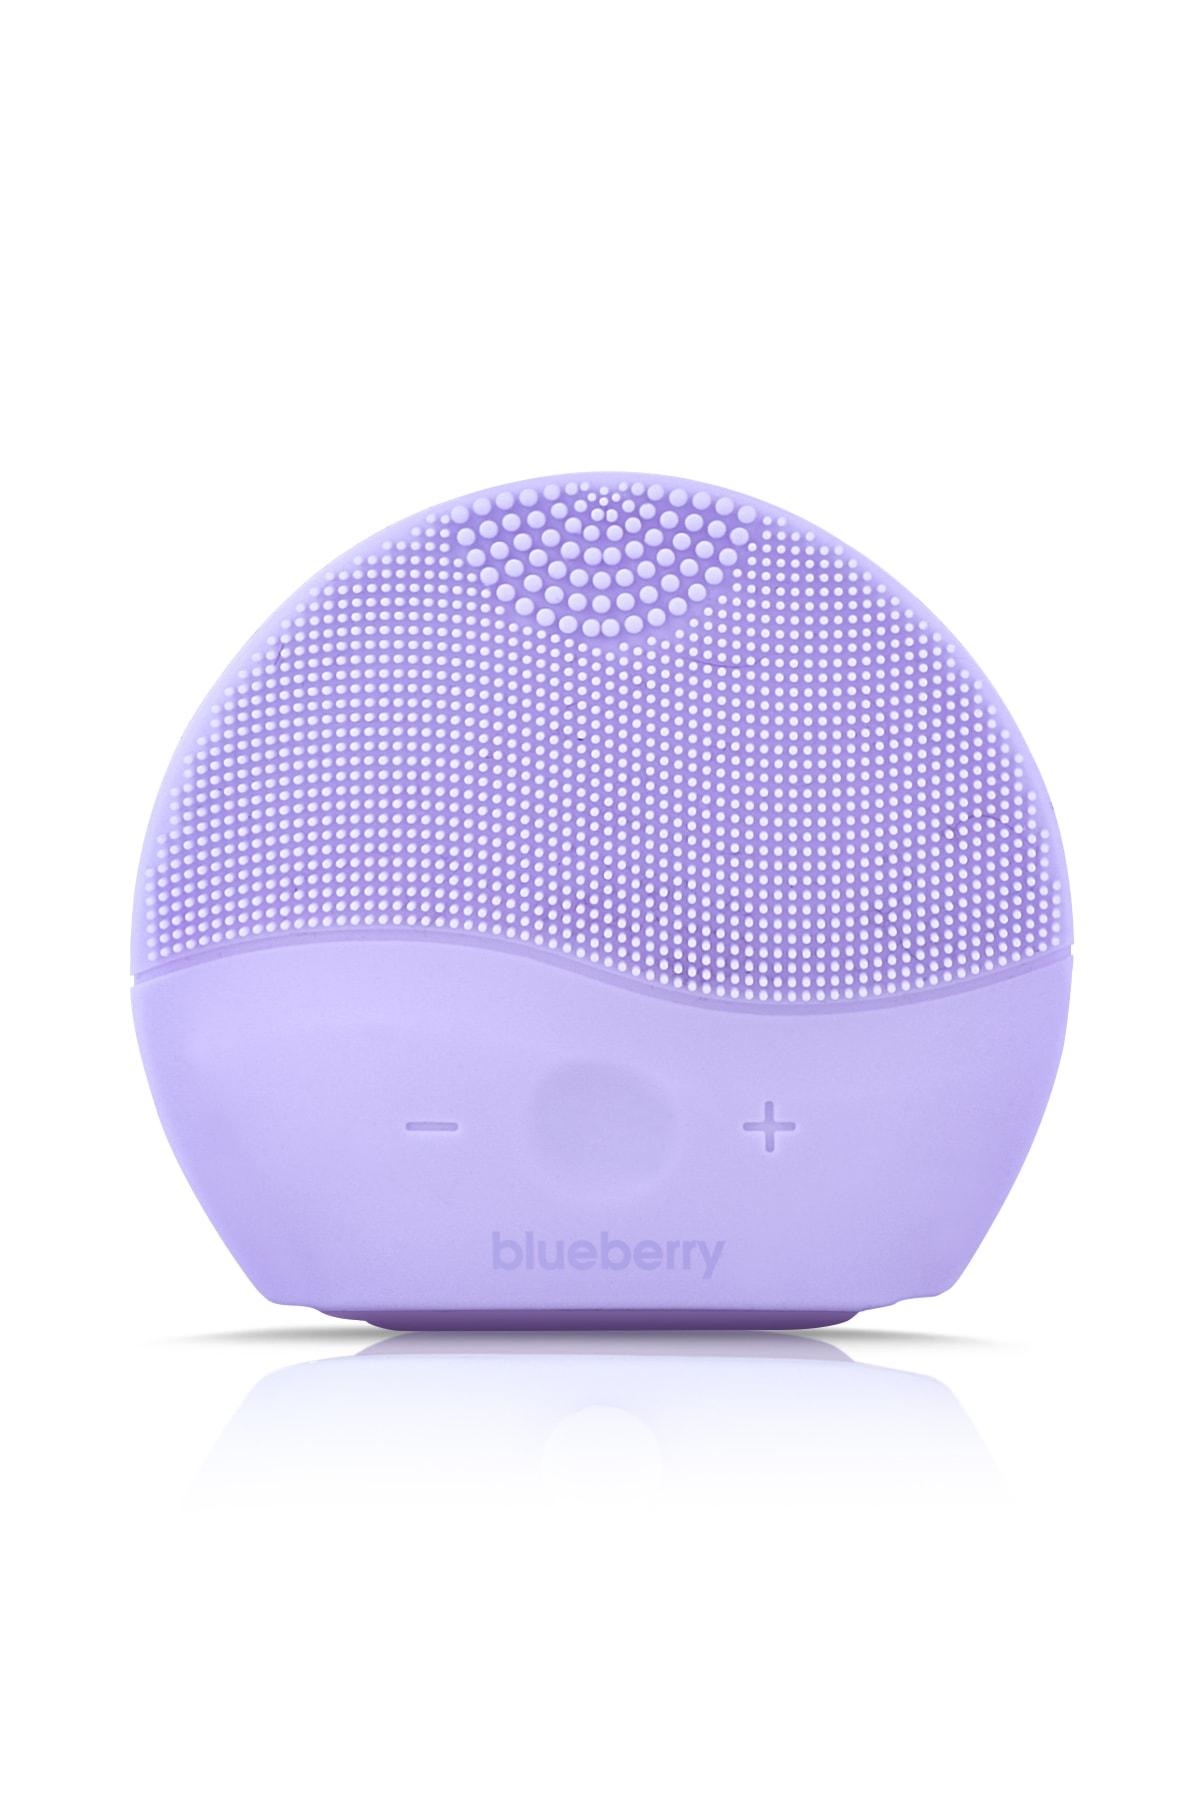 Blueberry Pure Sonic Yüz Temizleme Cihazı Mor 8682367025937 0